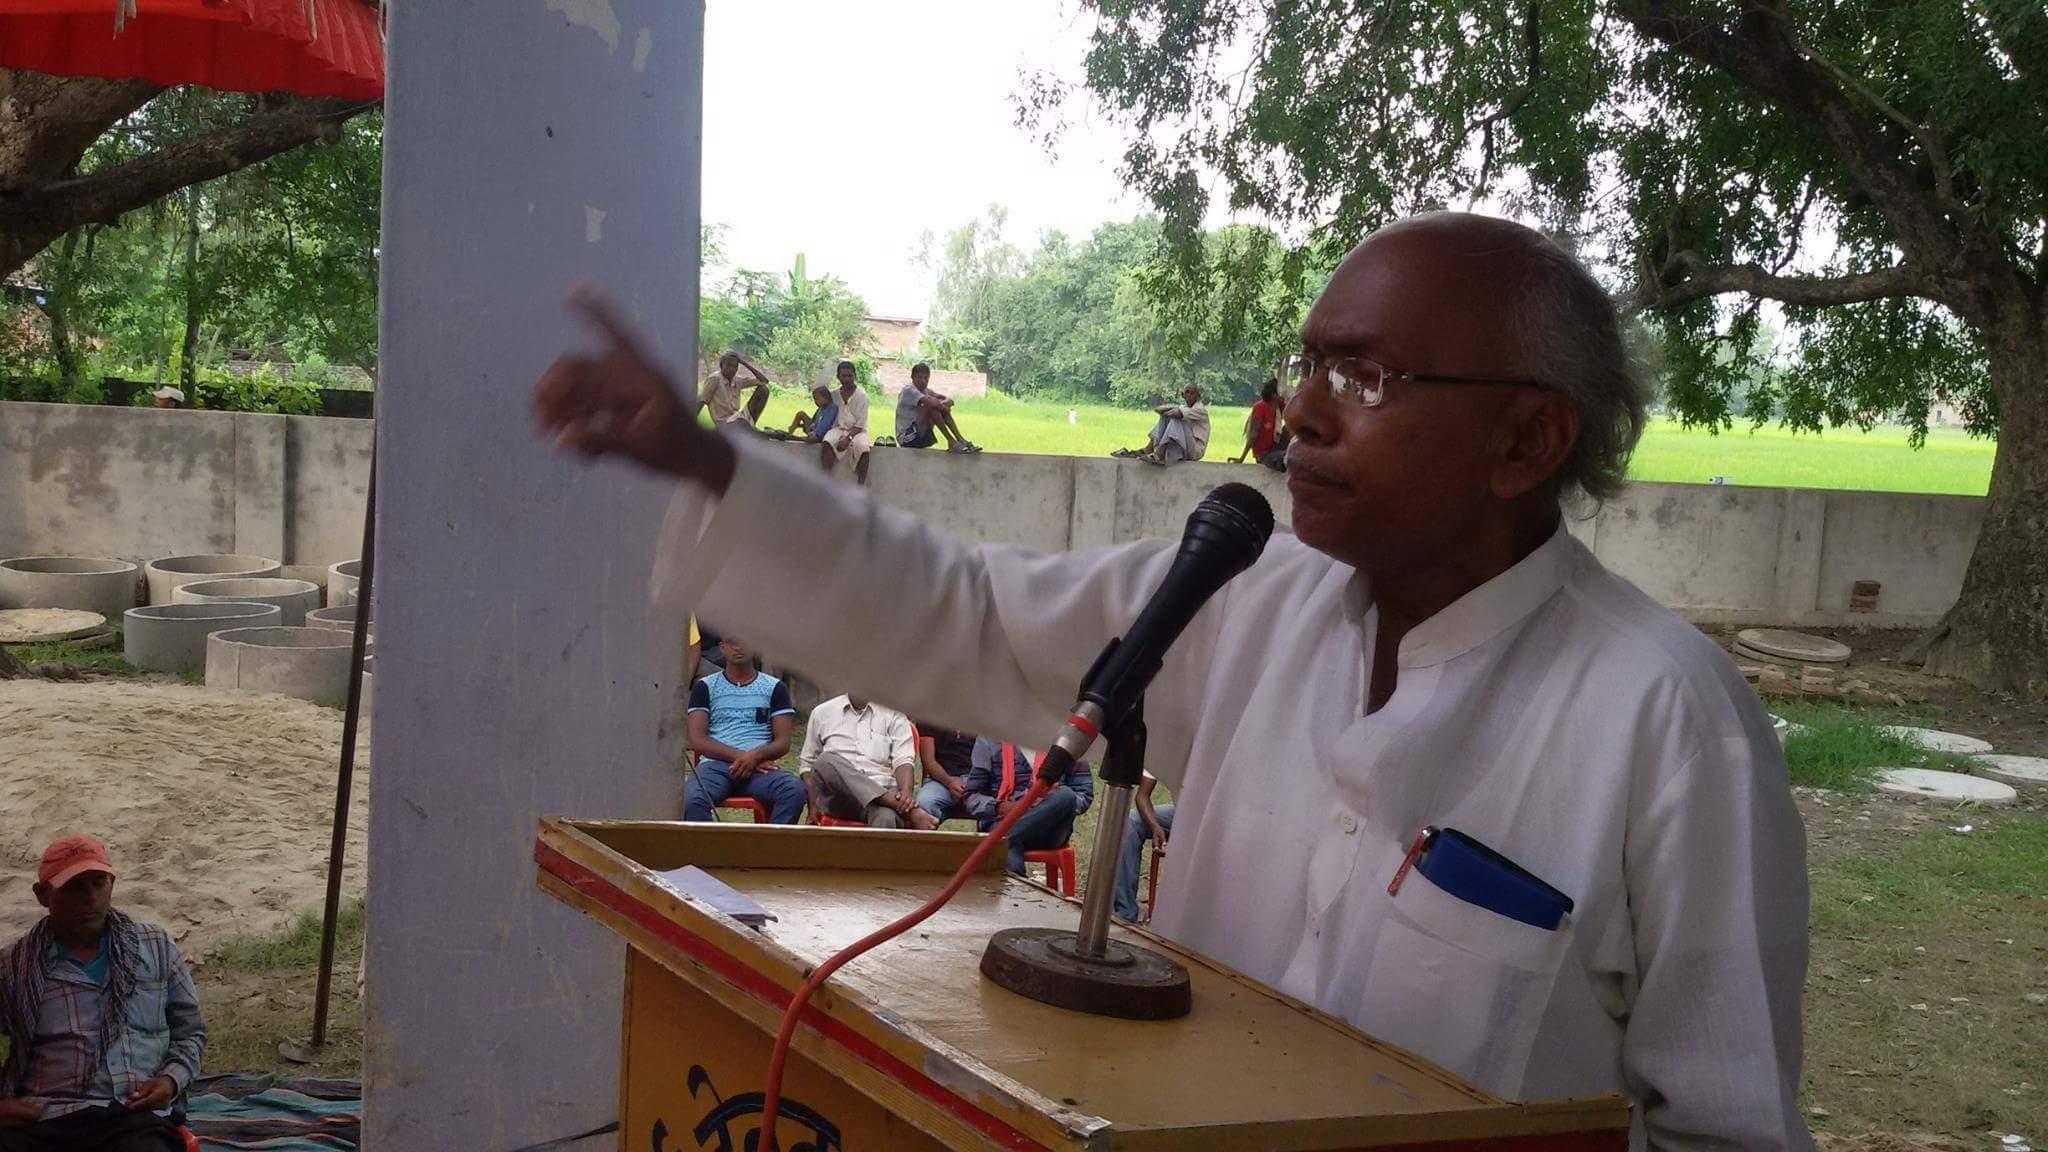 विजय गुप्ता, मोर्चा संयोजक,, बाँके